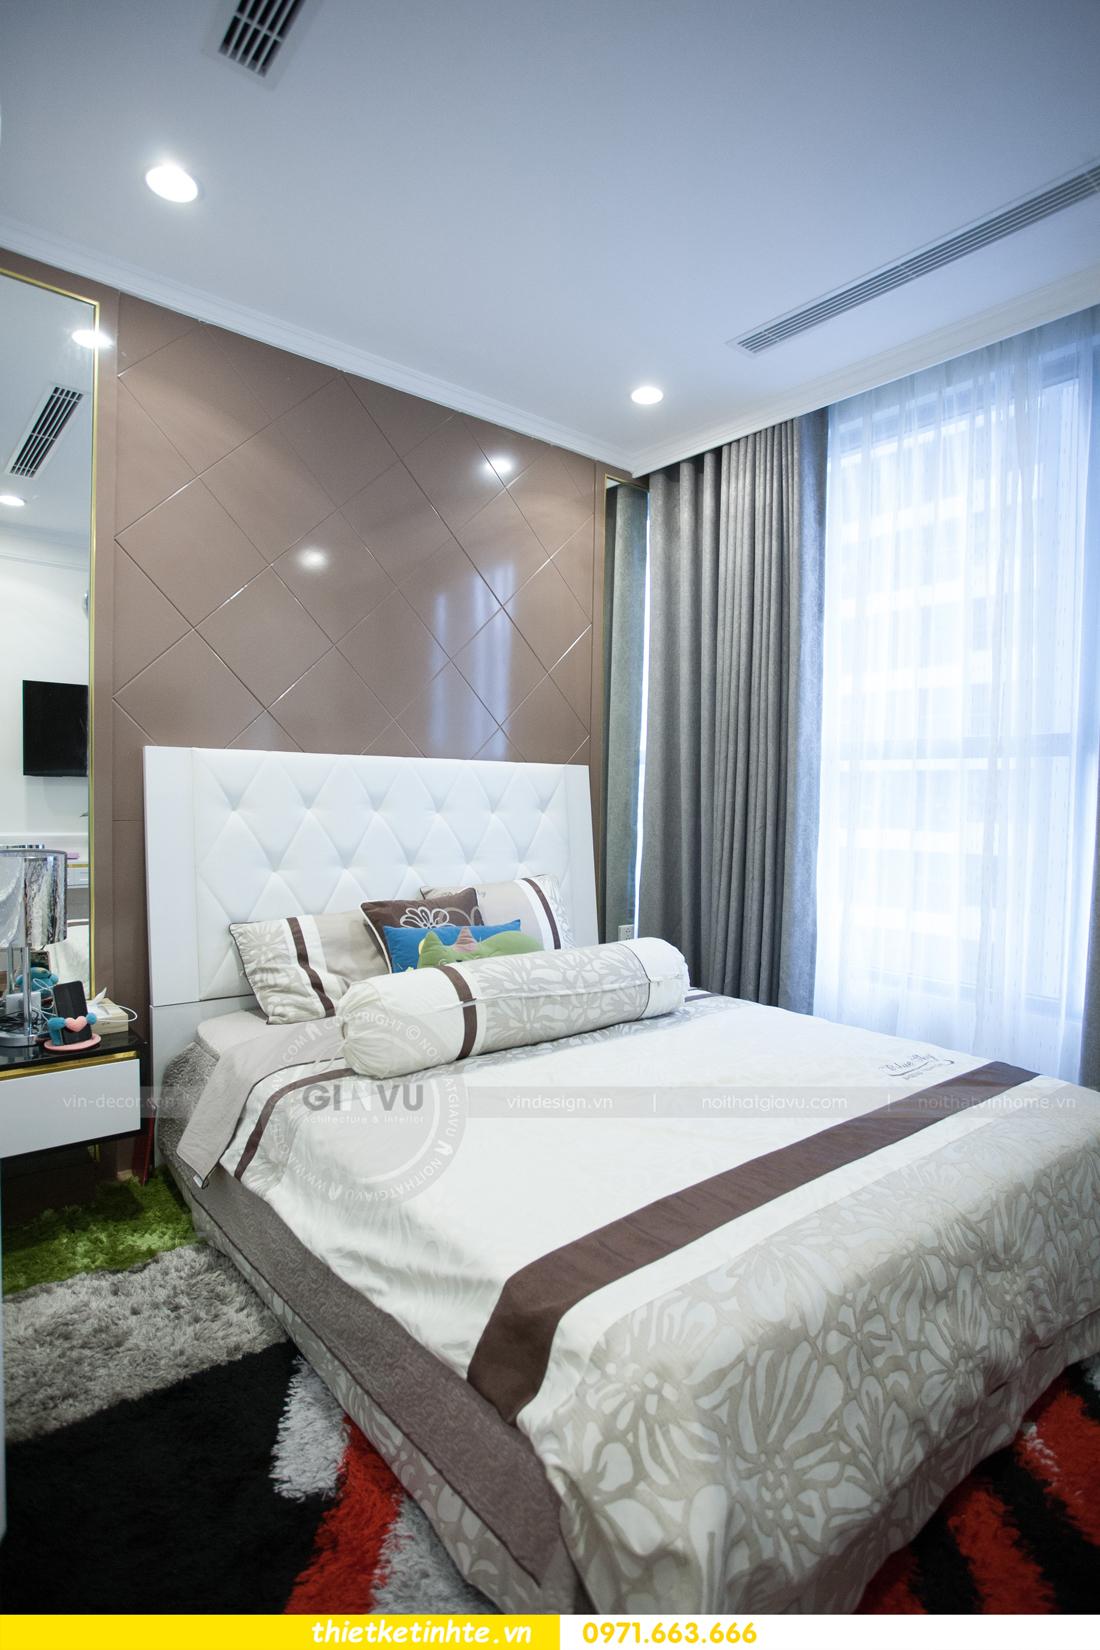 hoàn thiện nội thất chung cư Park Hill căn 2 phòng ngủ 12